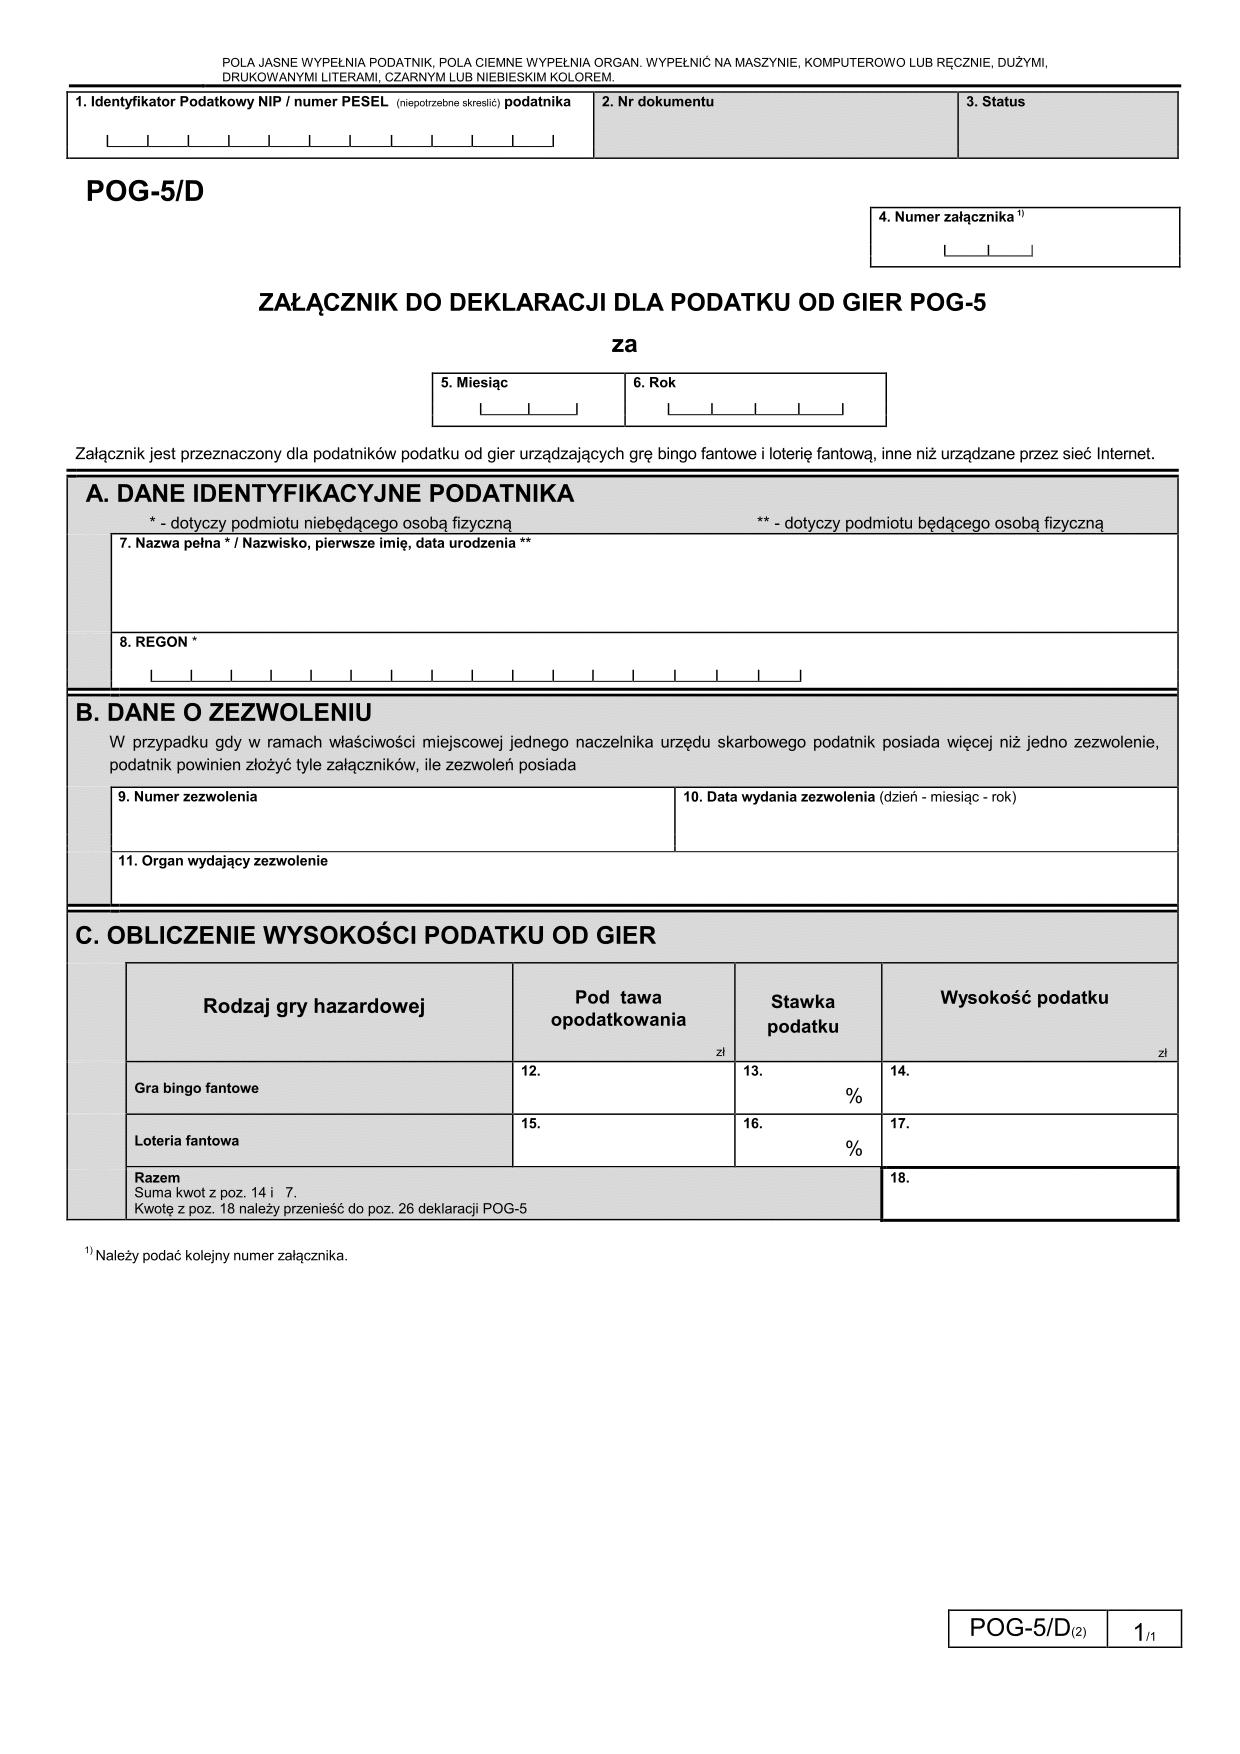 POG-5/D (2) Załącznik do deklaracji POG-5 dla podatku od gier